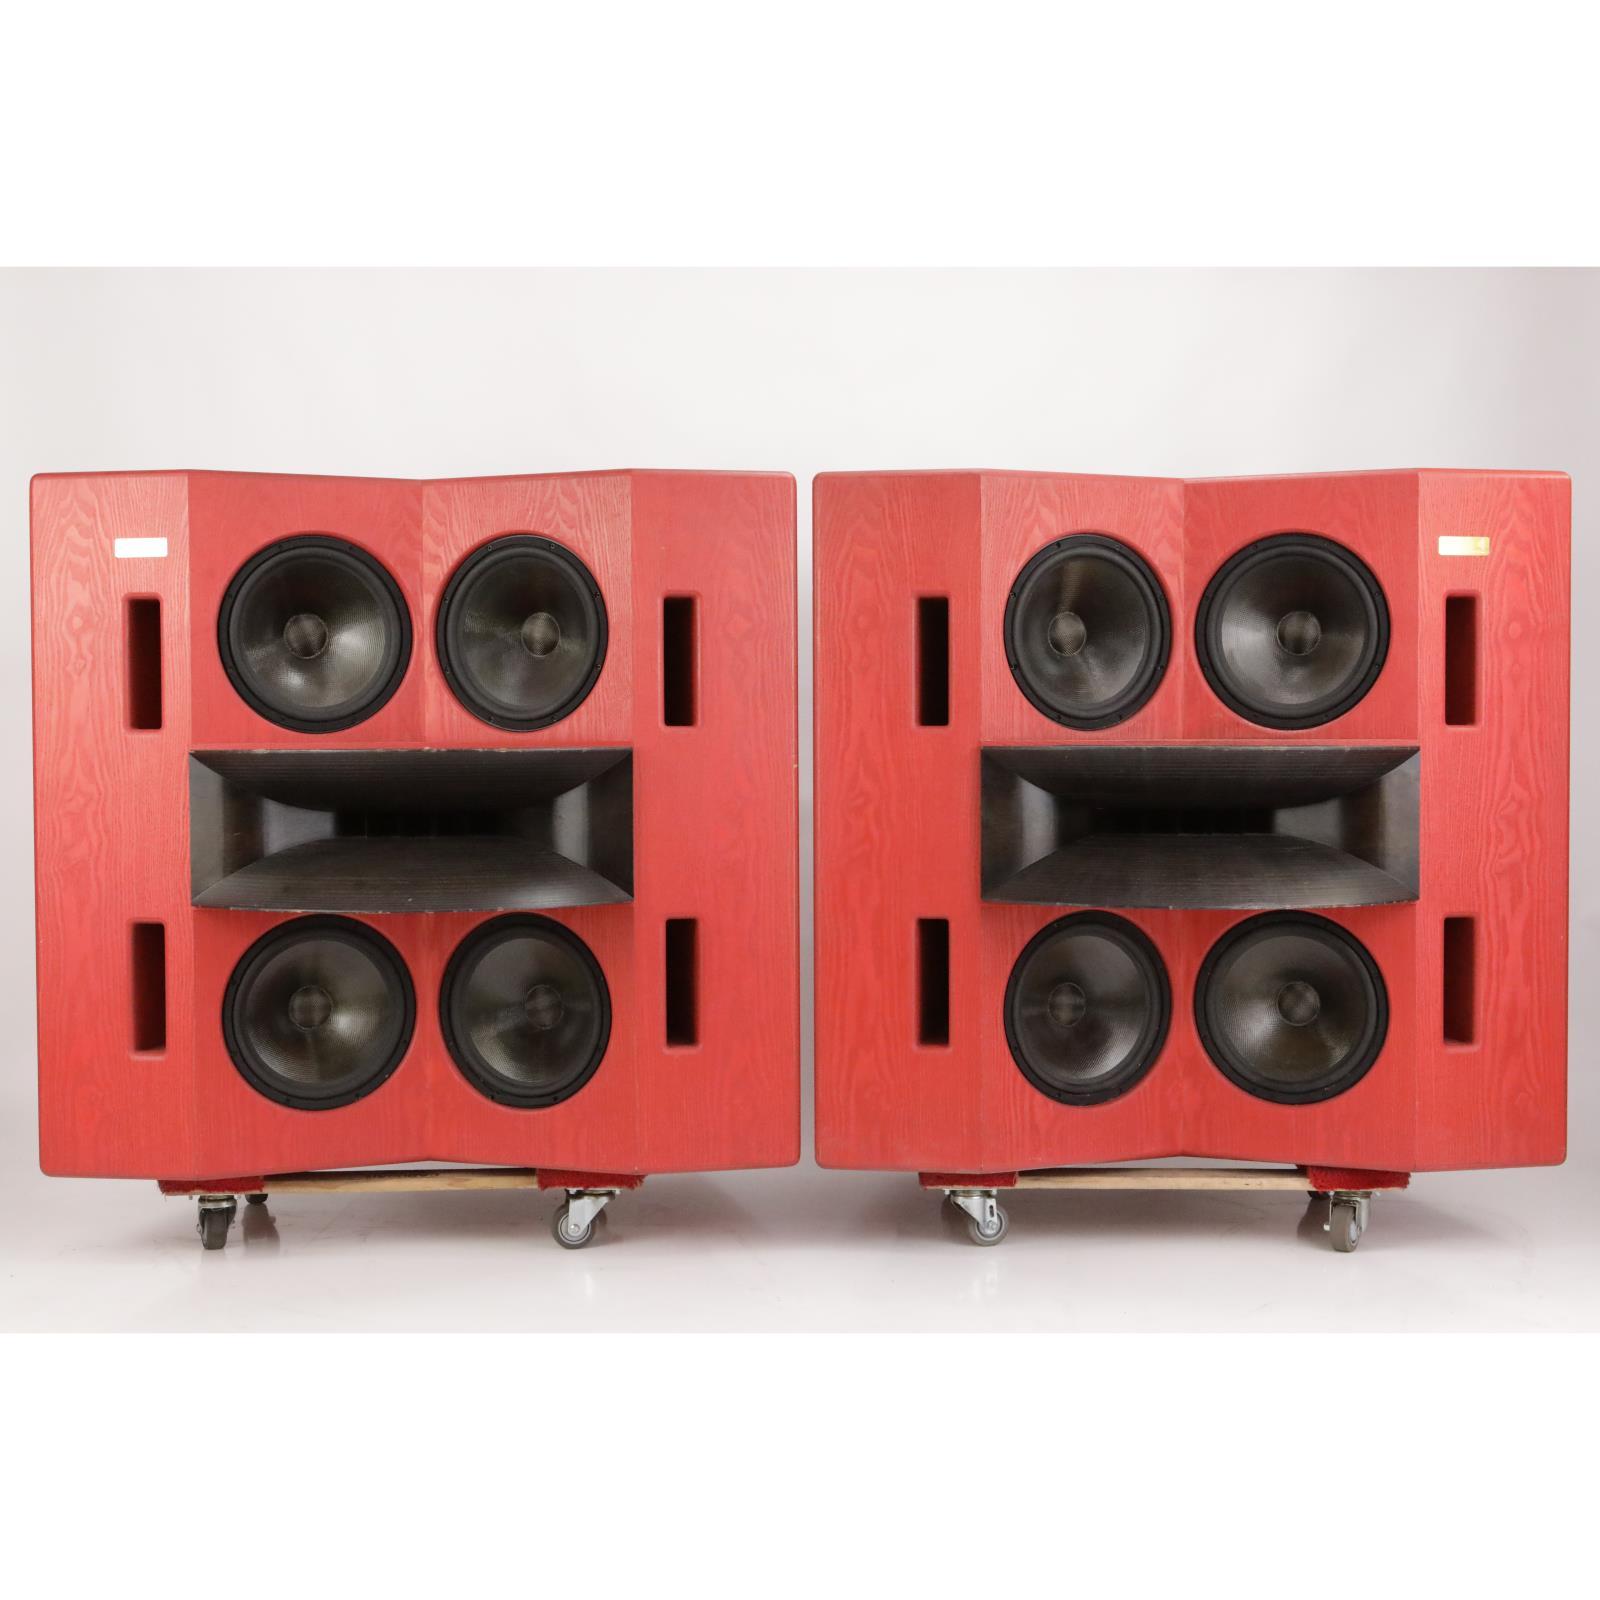 Rey Audio Kinoshita WARP 7 Recording Studio Mains Speakers Monitors #38294